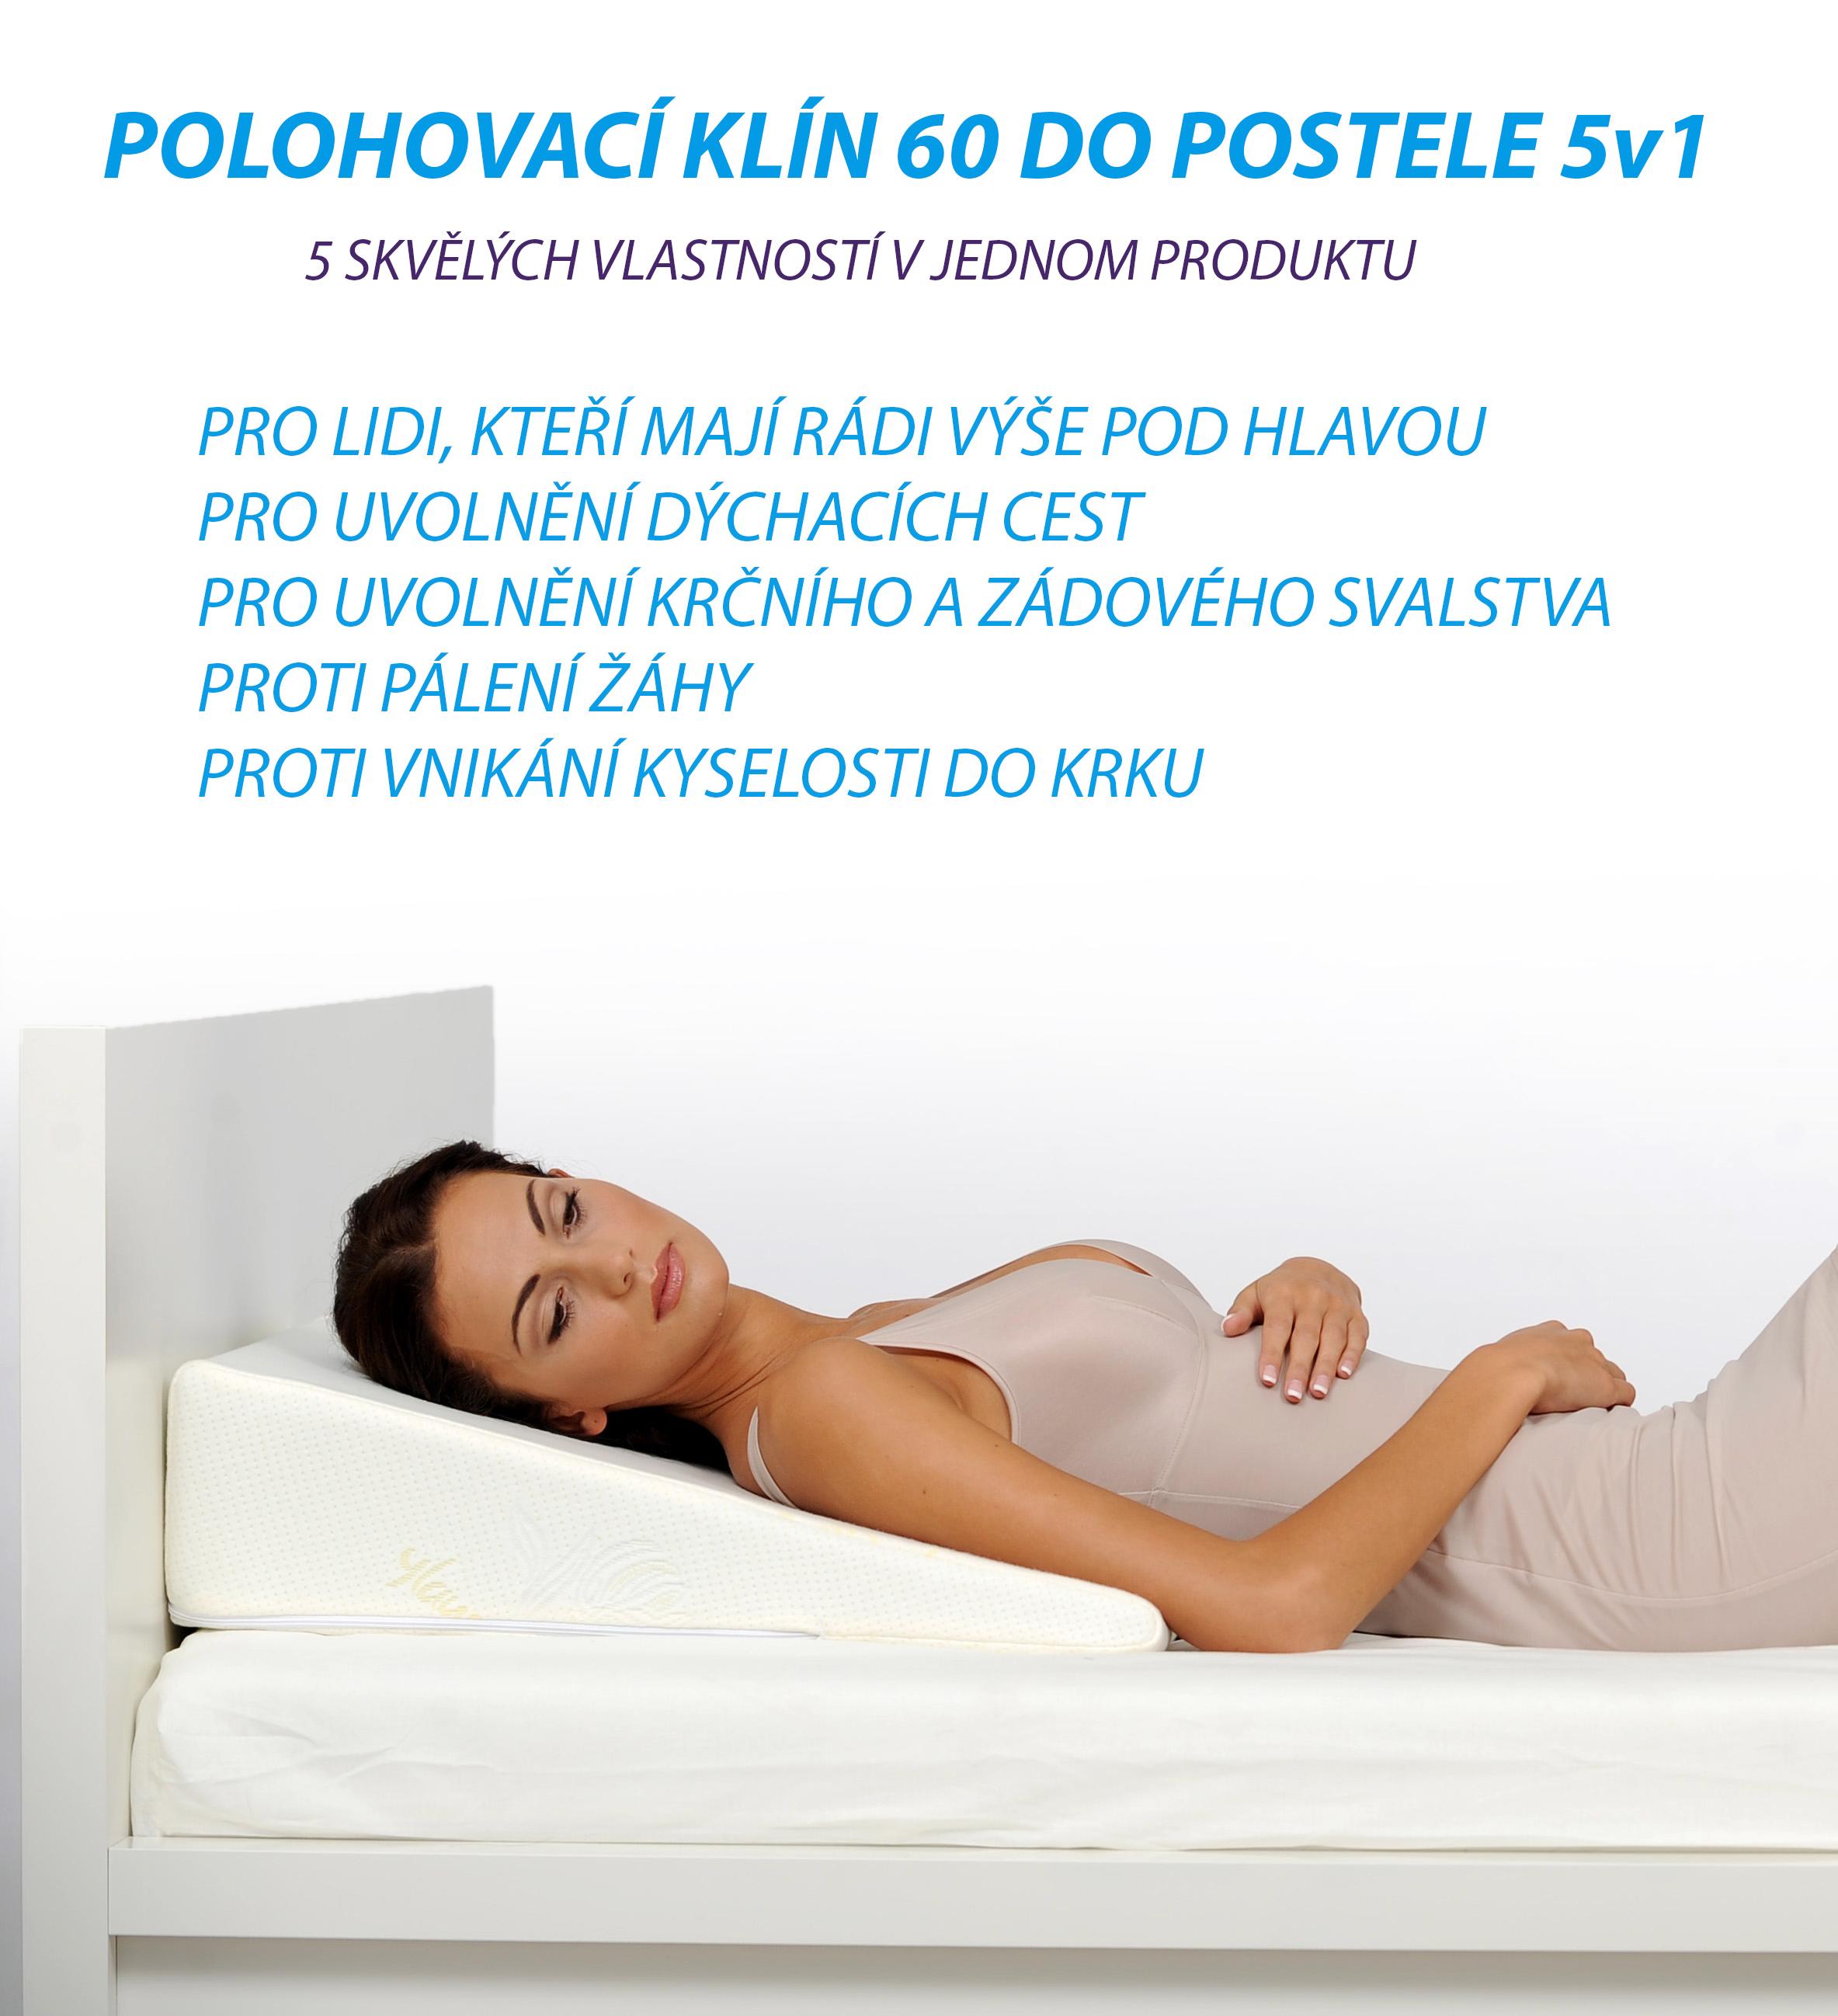 polohovaci-klin-60-do-postele-5-v-1-polstare.jpg